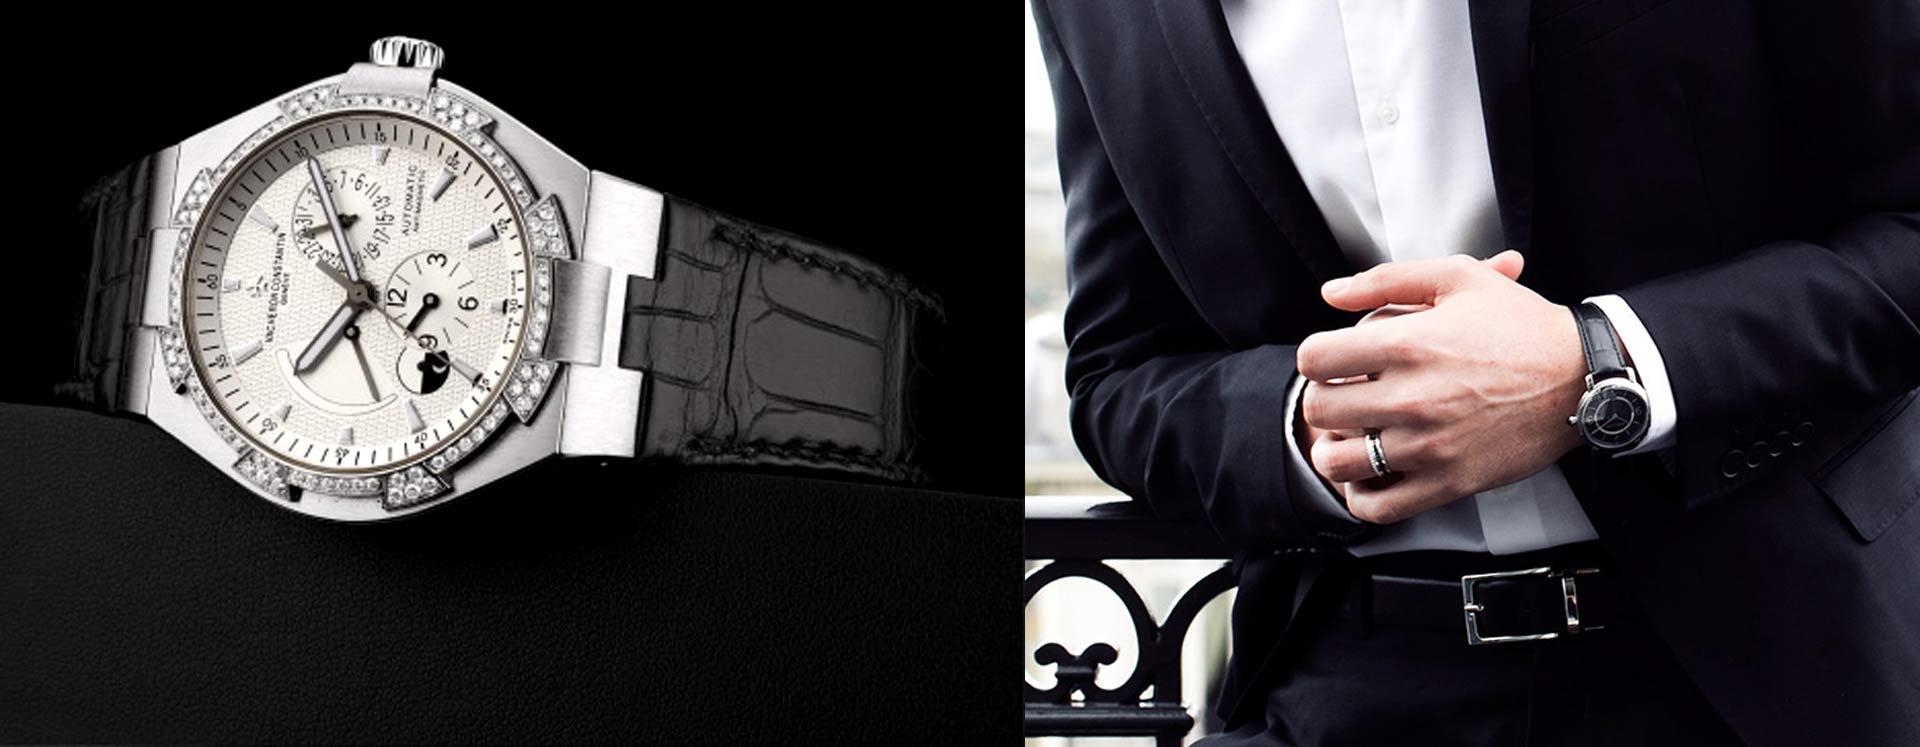 men's jewellery009 - برندهای لوکسی که موجب رونق جواهرات مردانه شده اند